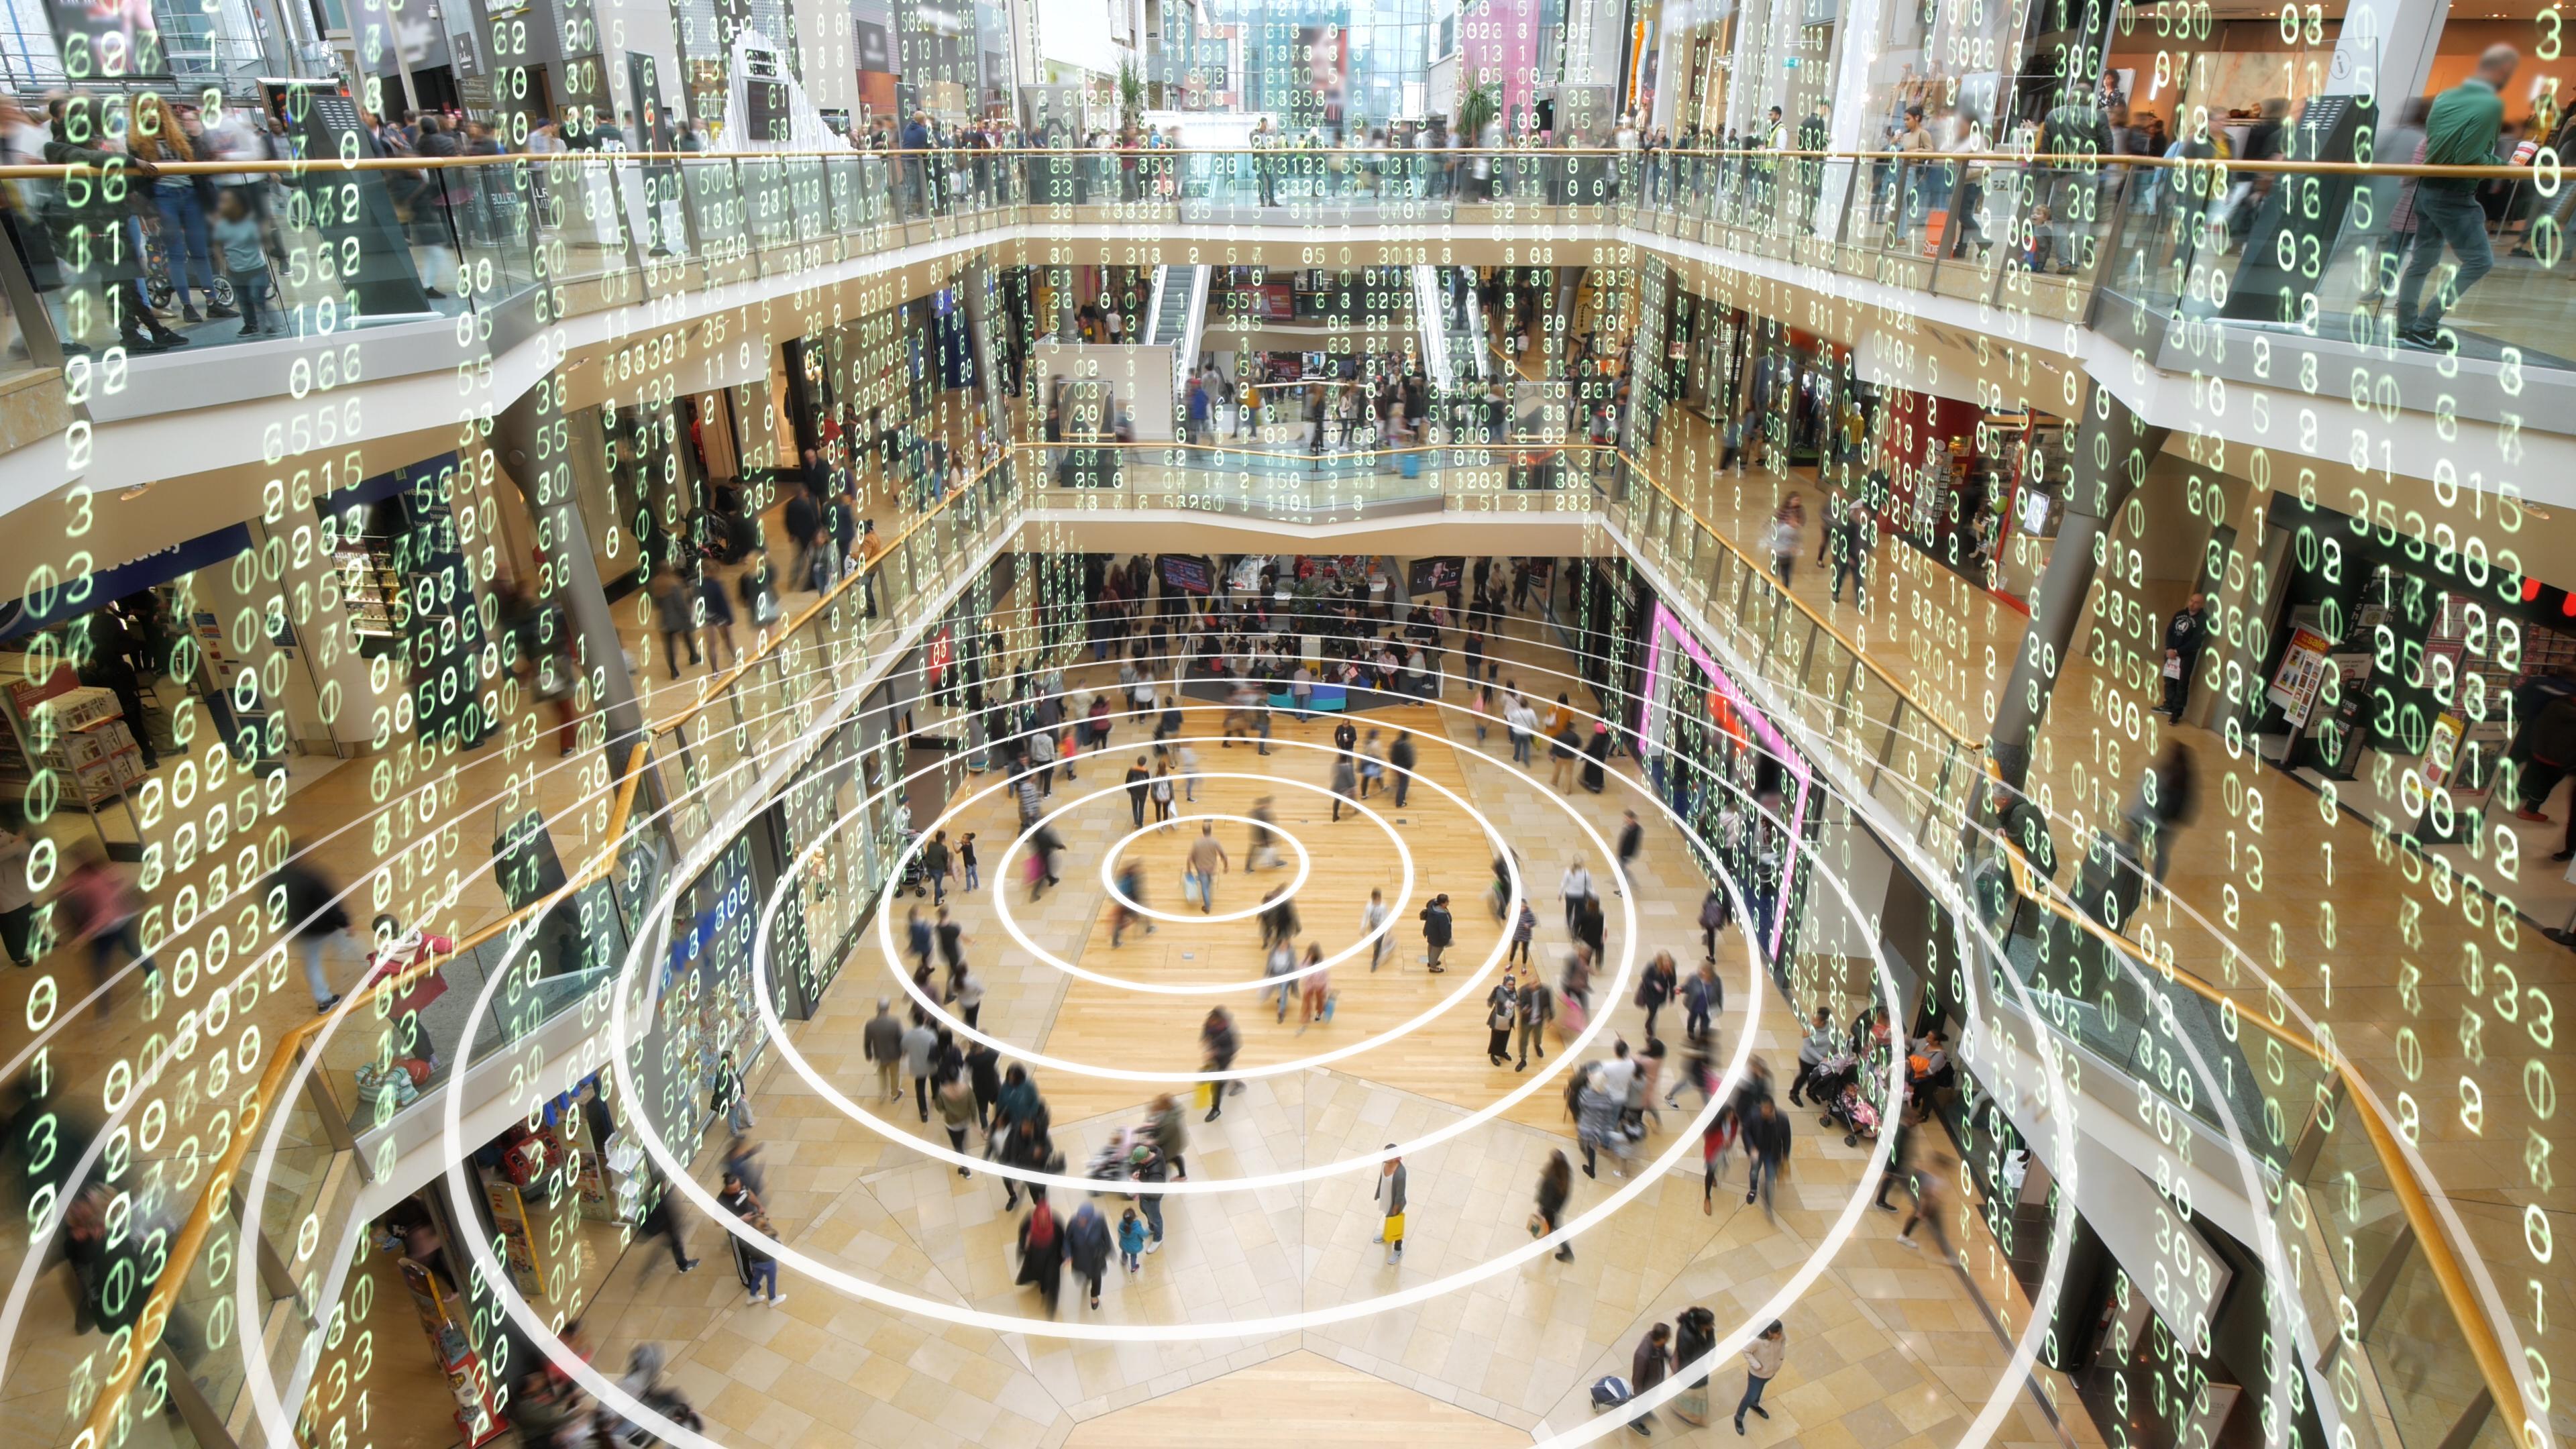 Quantifying Retail Panic Buying using Mobile Device Data